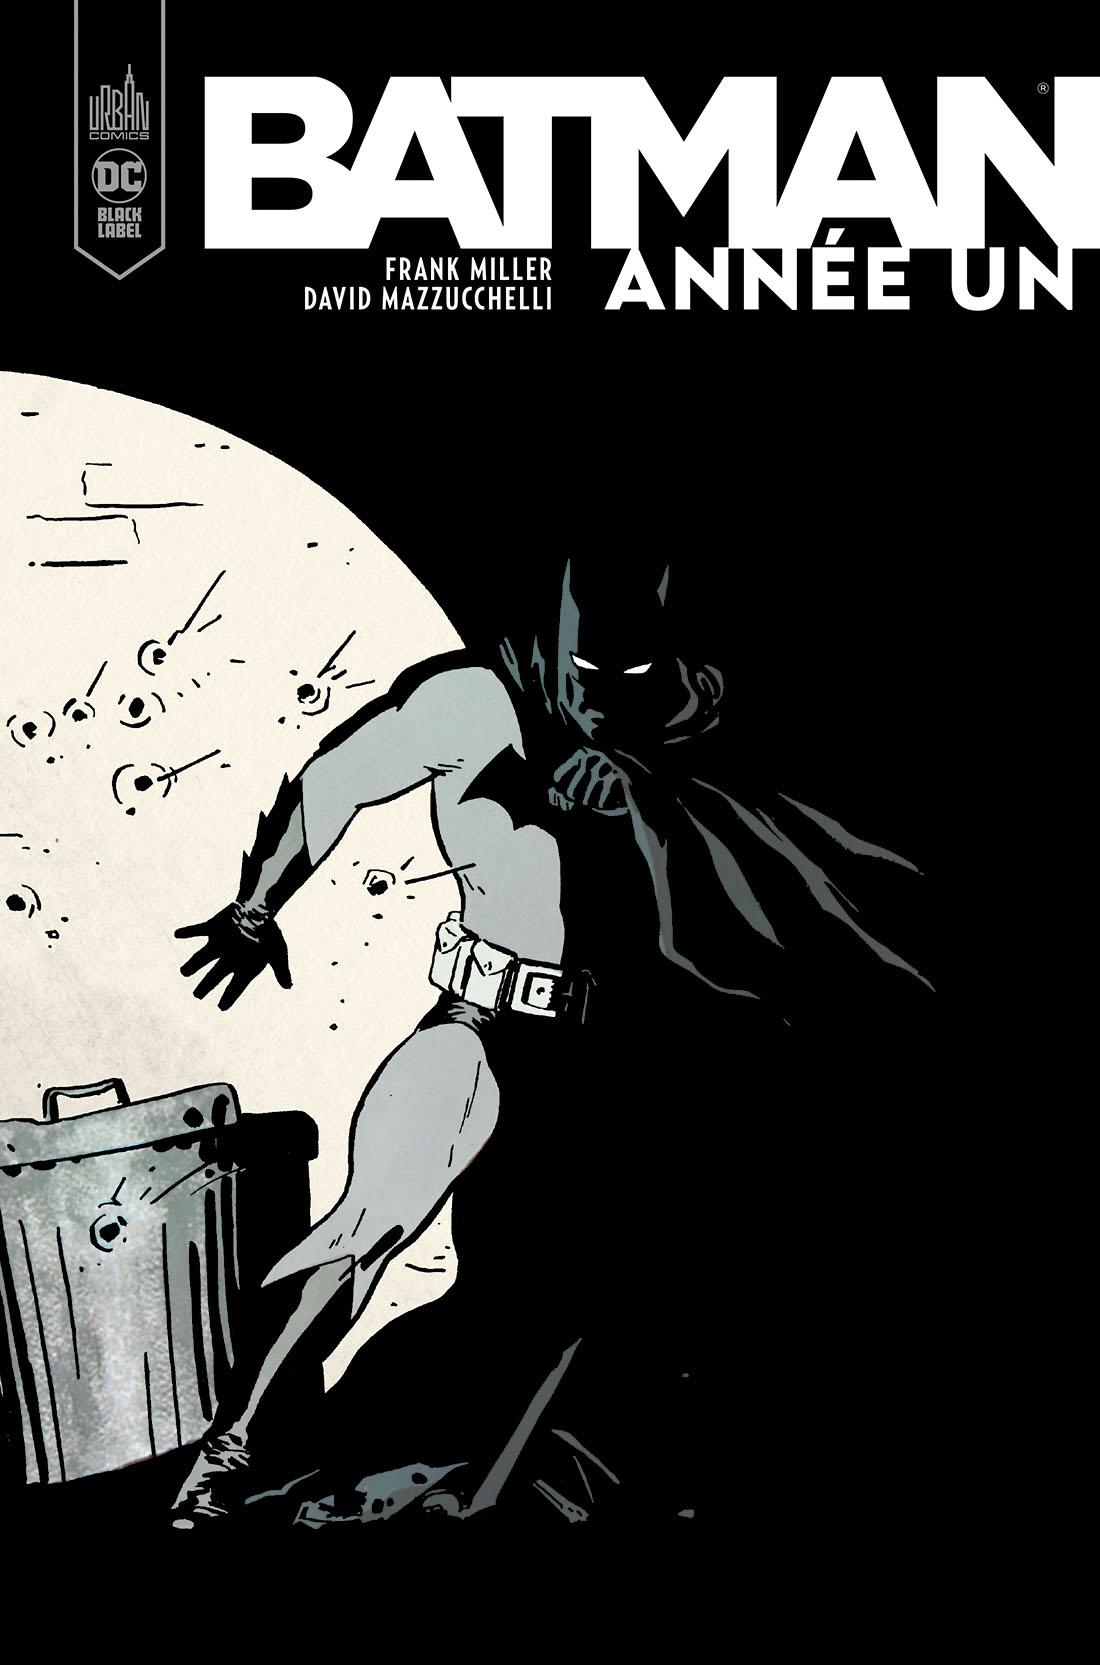 Batman - Année 1 1